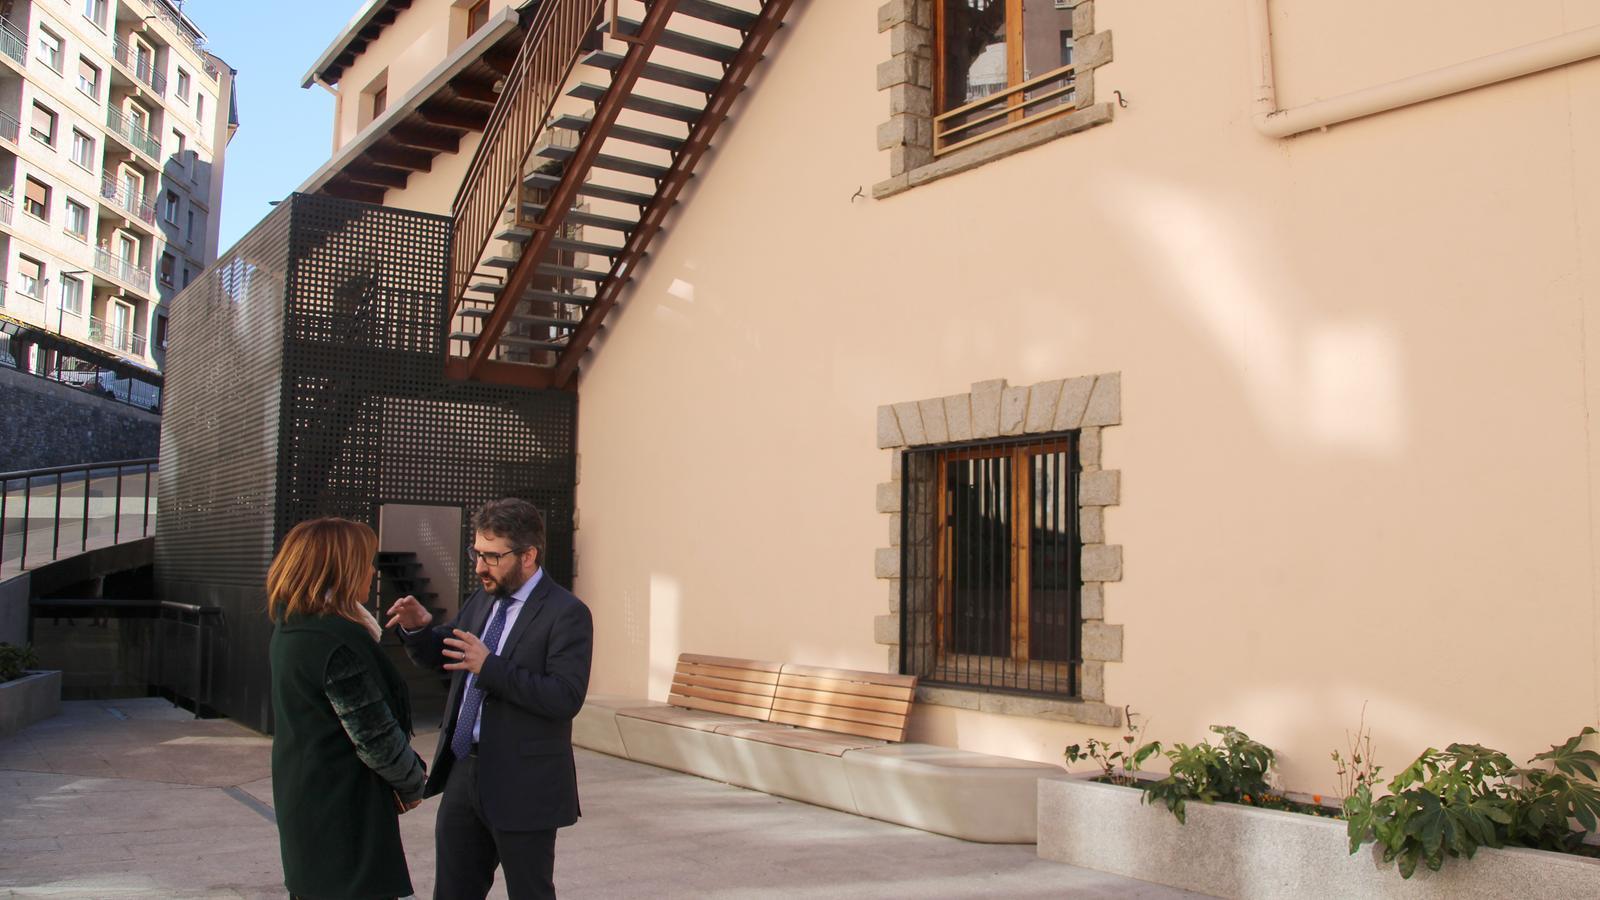 La cònsol d'Andorra la Vella, Conxita Marsol, i el ministre d'Educació i Ensenyament Superior, Eric Jover, al parc de Ciutat de Valls. / C. G. (ANA)